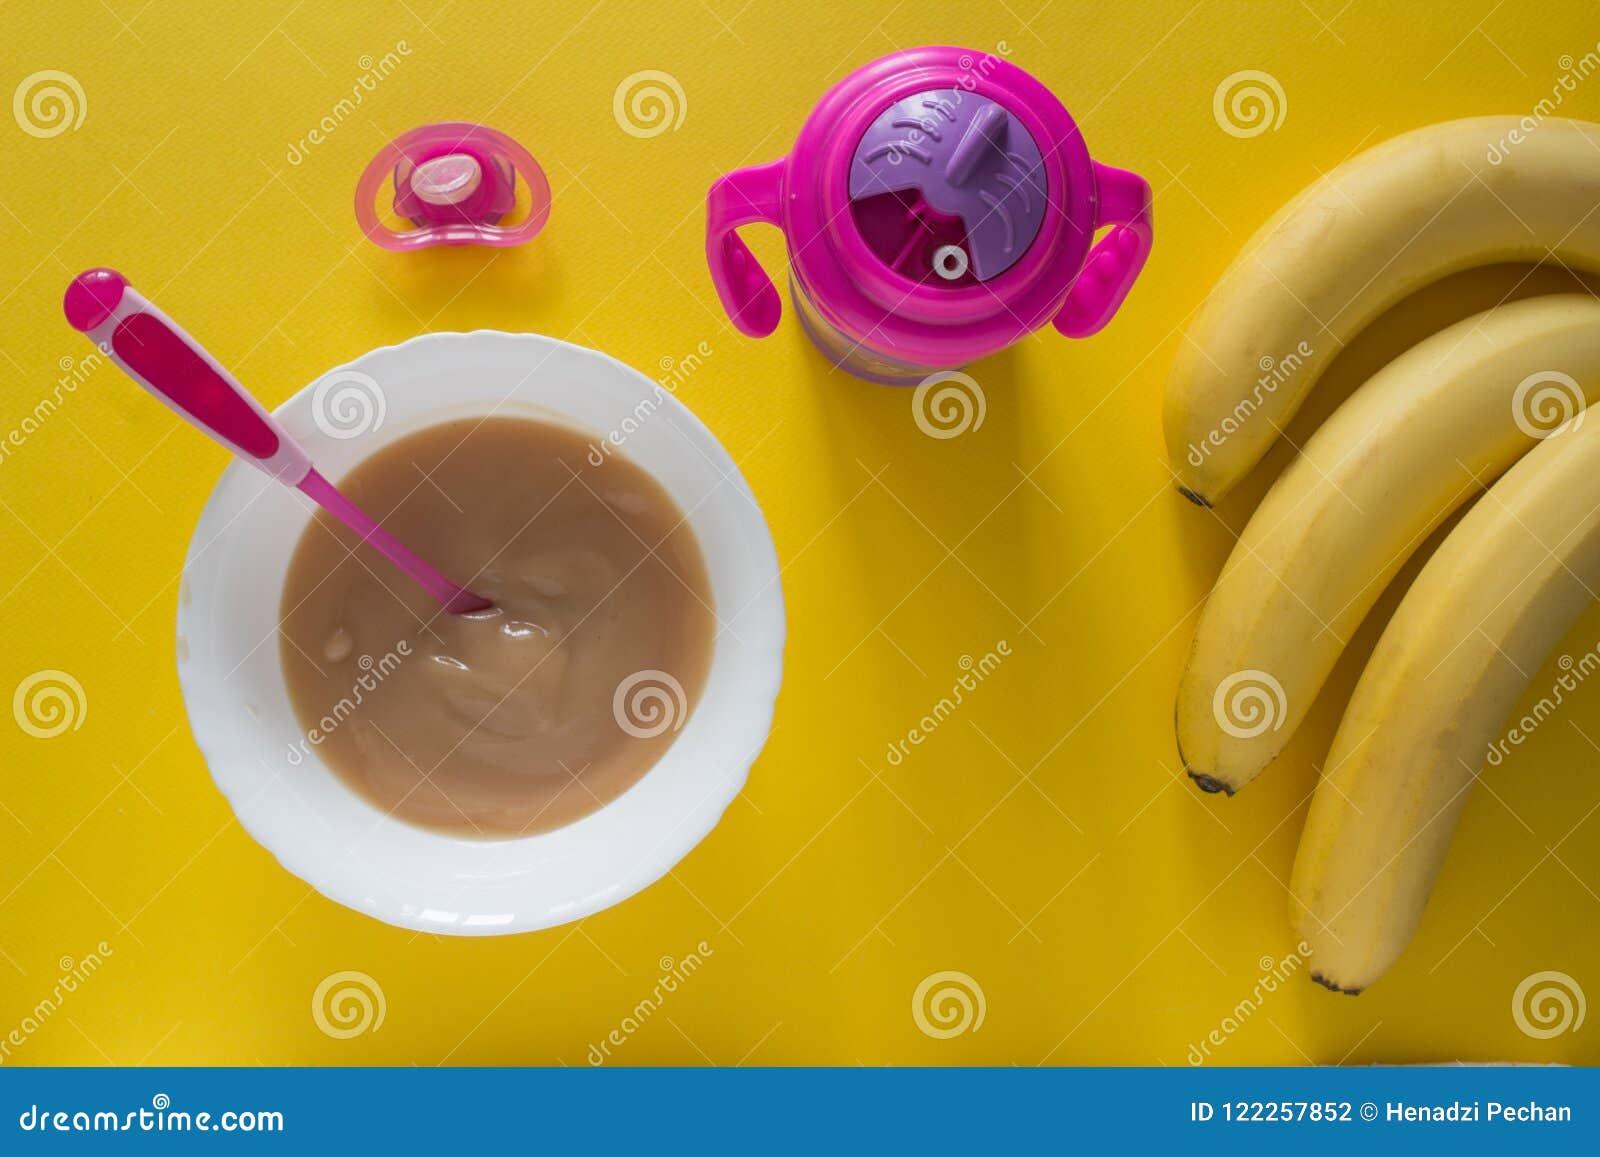 Dziecko owsianka dla dziecka i bananów na koloru żółtego tła bananach